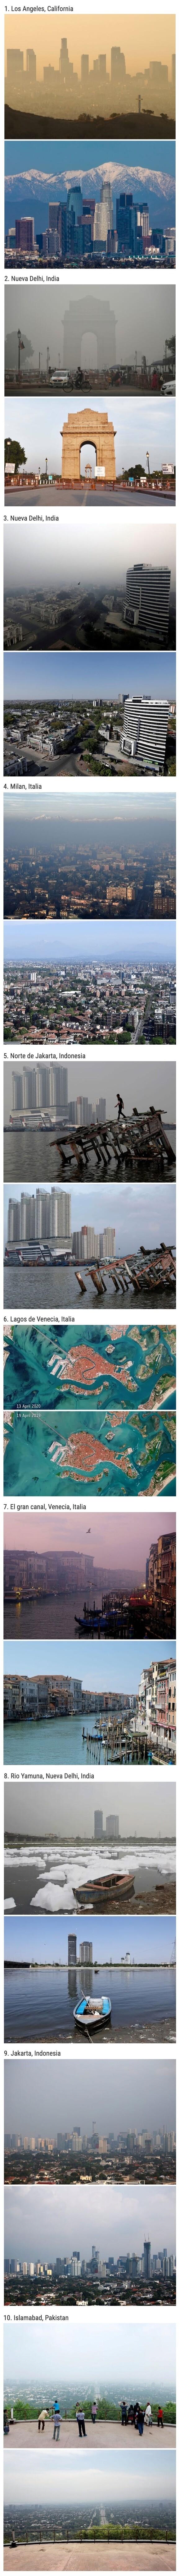 13414 - Comparaciones que muestran cómo la cuarentena ha reducido la contaminación en grandes ciudades